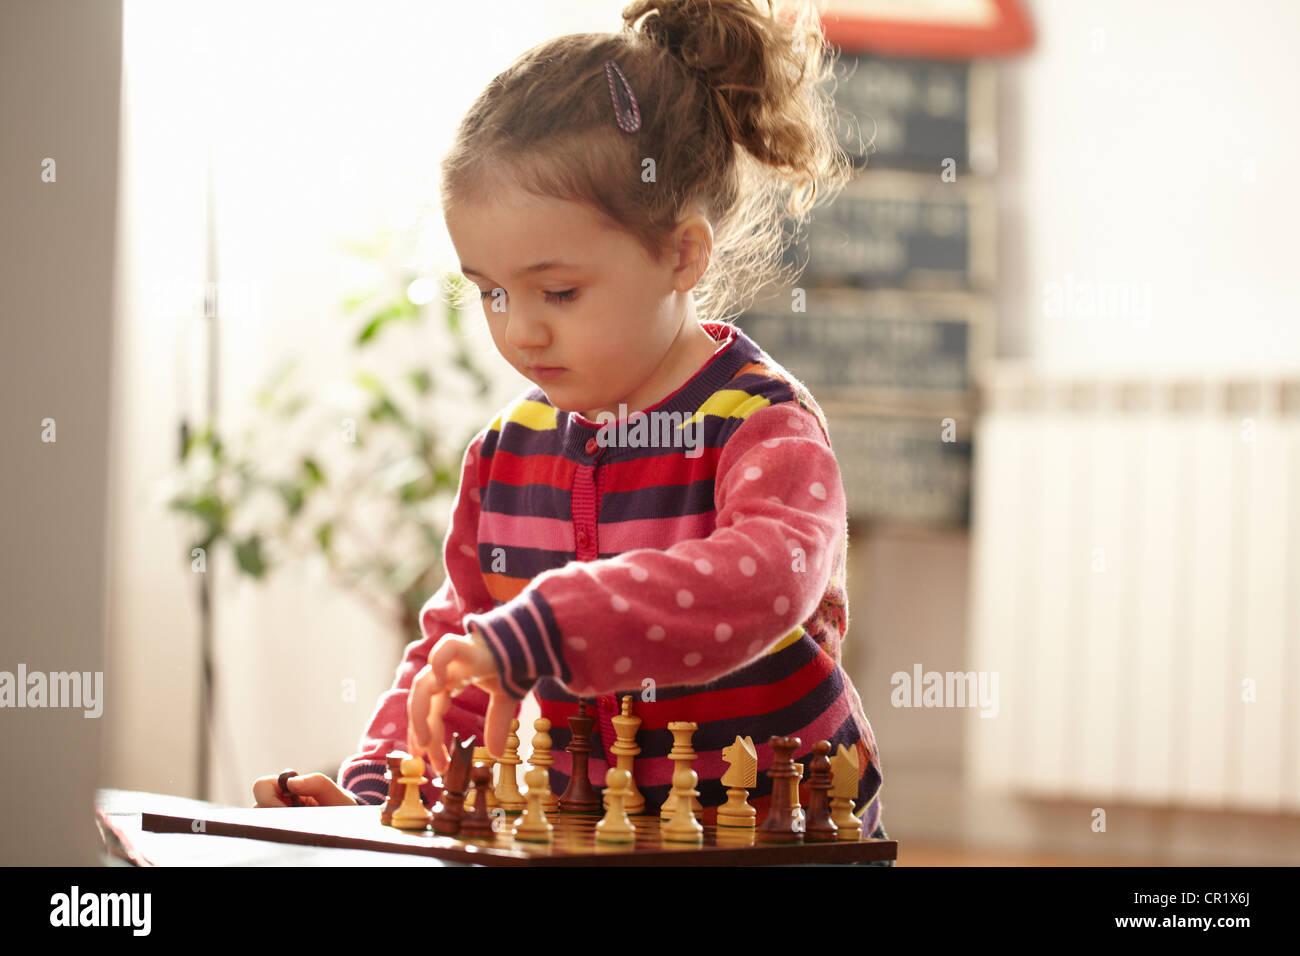 Mädchen spielen Schach im Innenbereich Stockbild